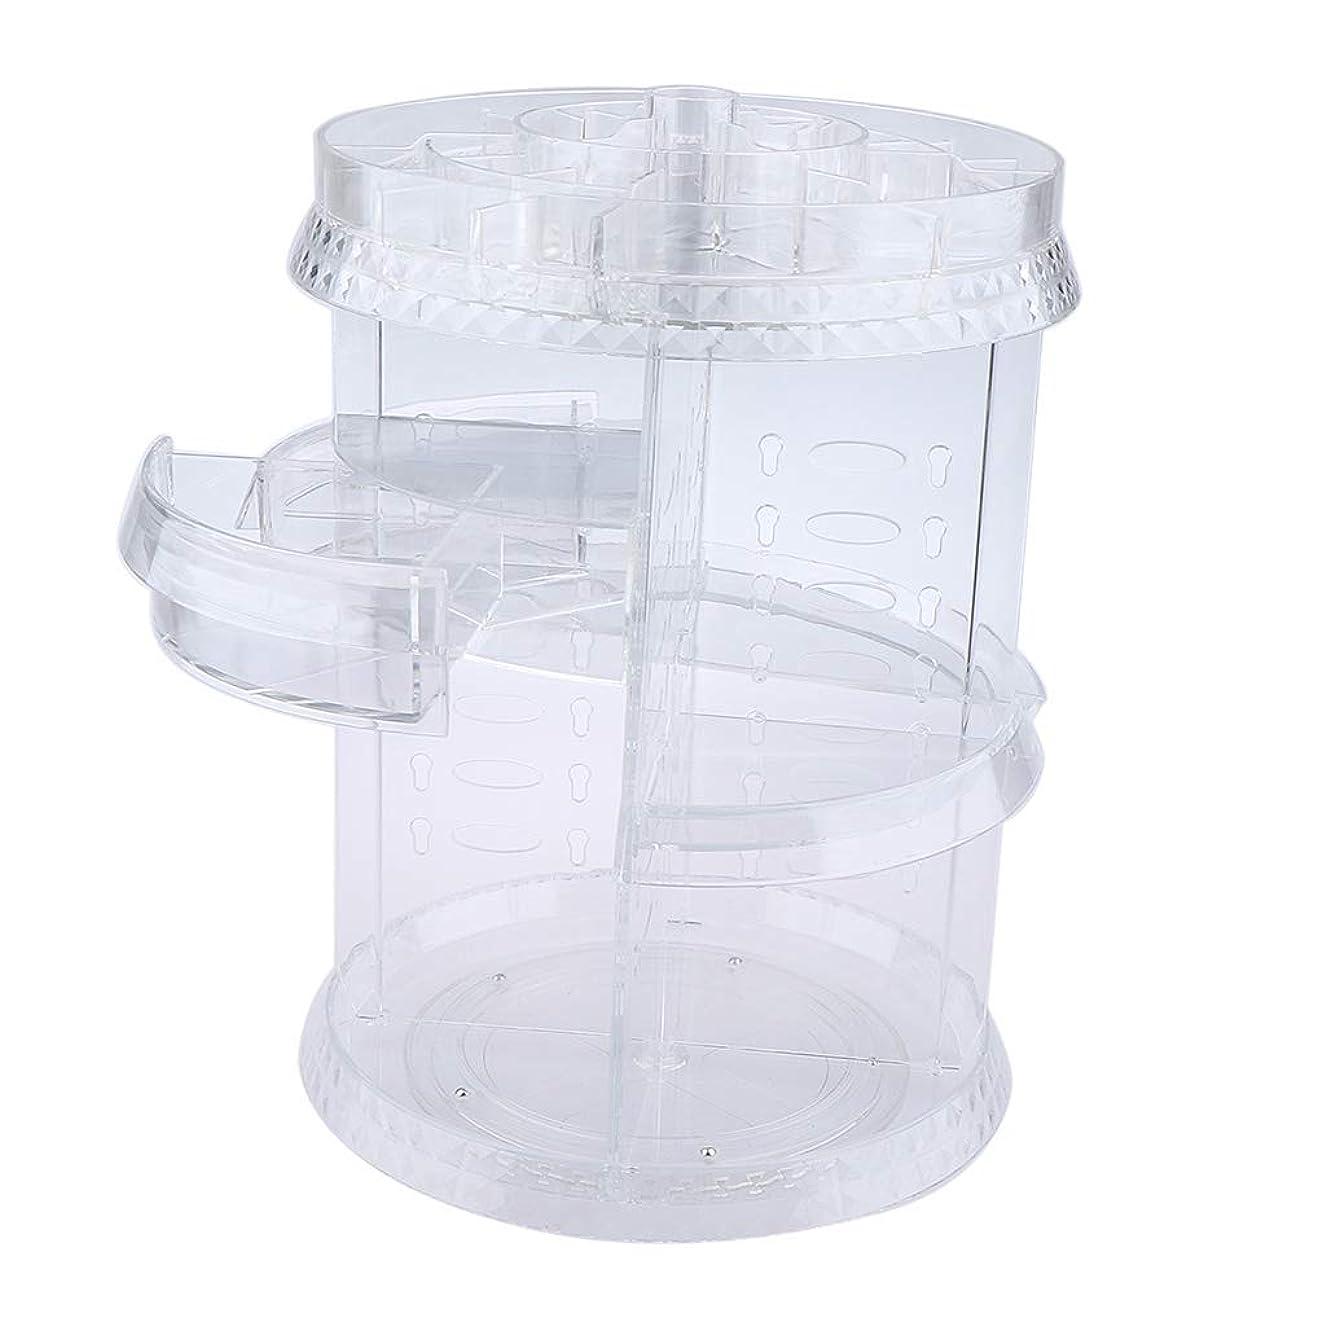 ピカソ禁じるステップP Prettyia 化粧品収納ホルダー クリア 360回転 メイクアップブラシ コスメ収納 プラスチック製 2タイプ選べ - 引き出しスタイル